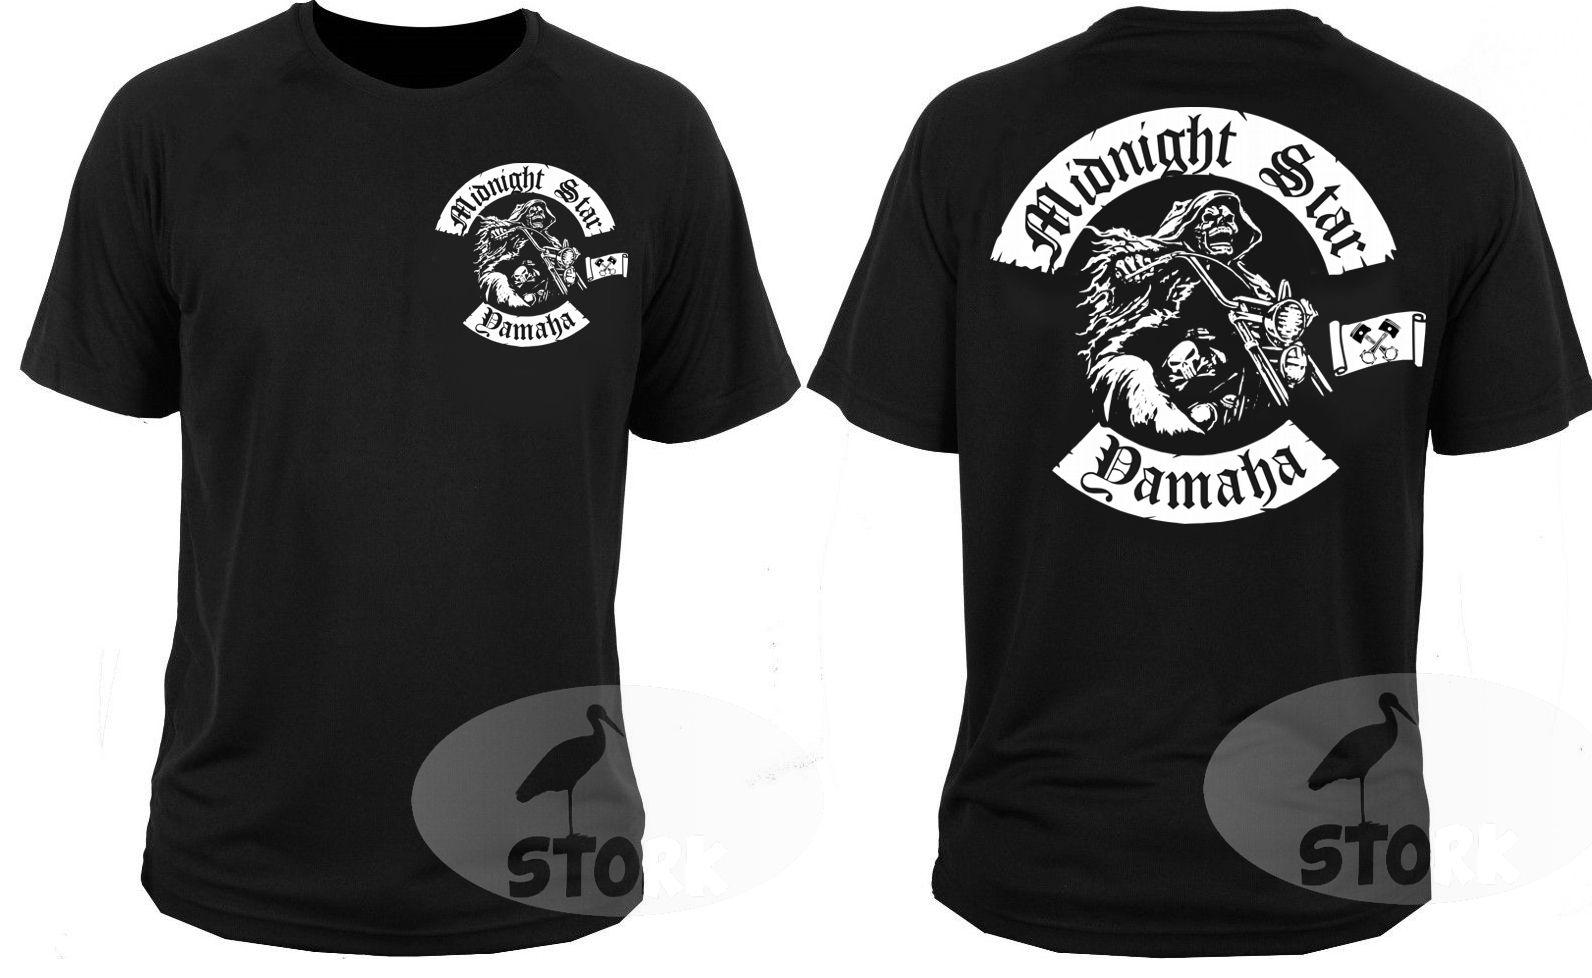 100% Coton T Chemise pour Hommes de T-shirt T-shirt Midnight Star Cruiser Chopper Moto Rockers Top T-shirts